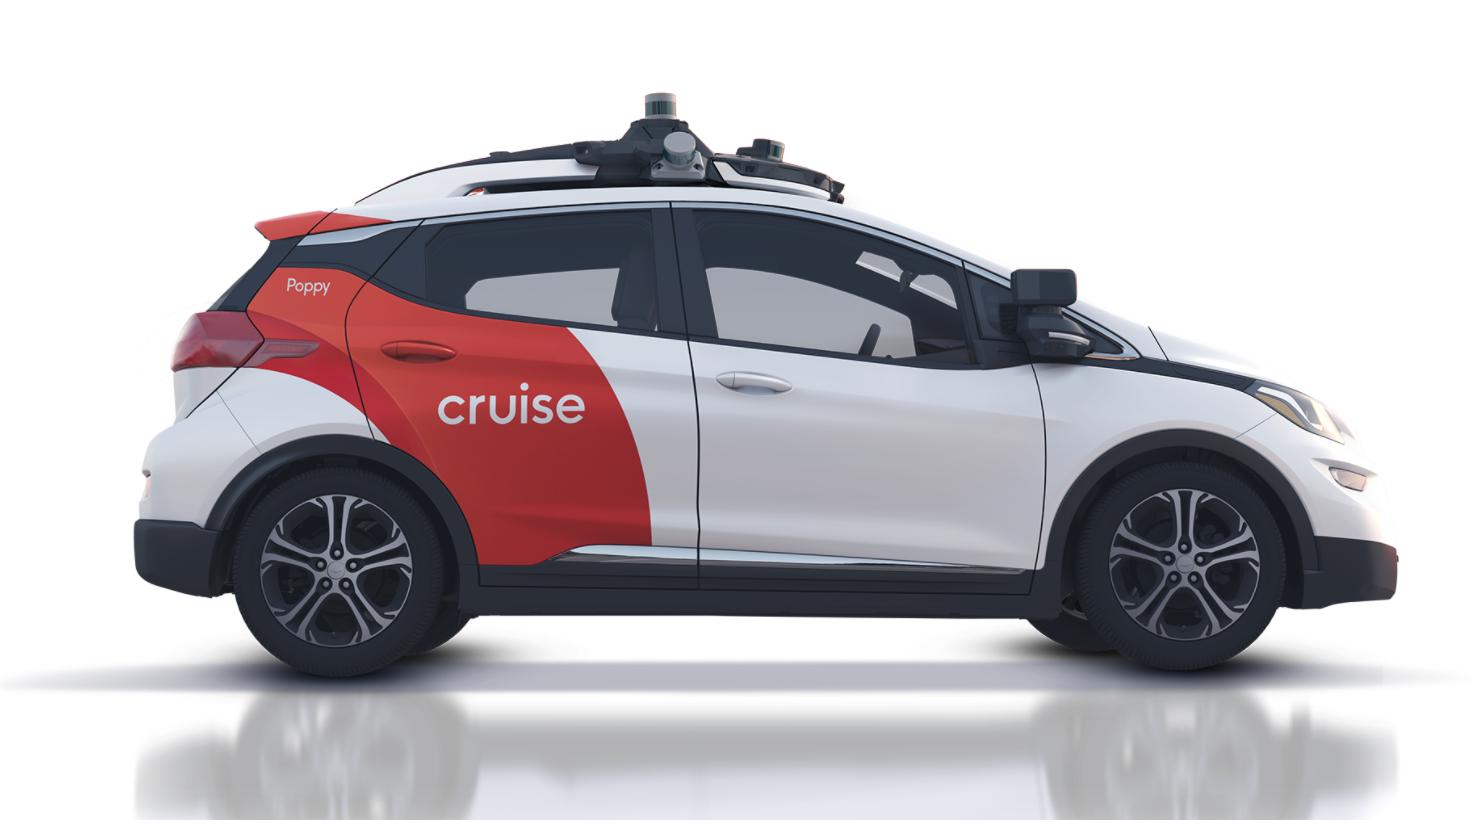 Cruise guida autonoma